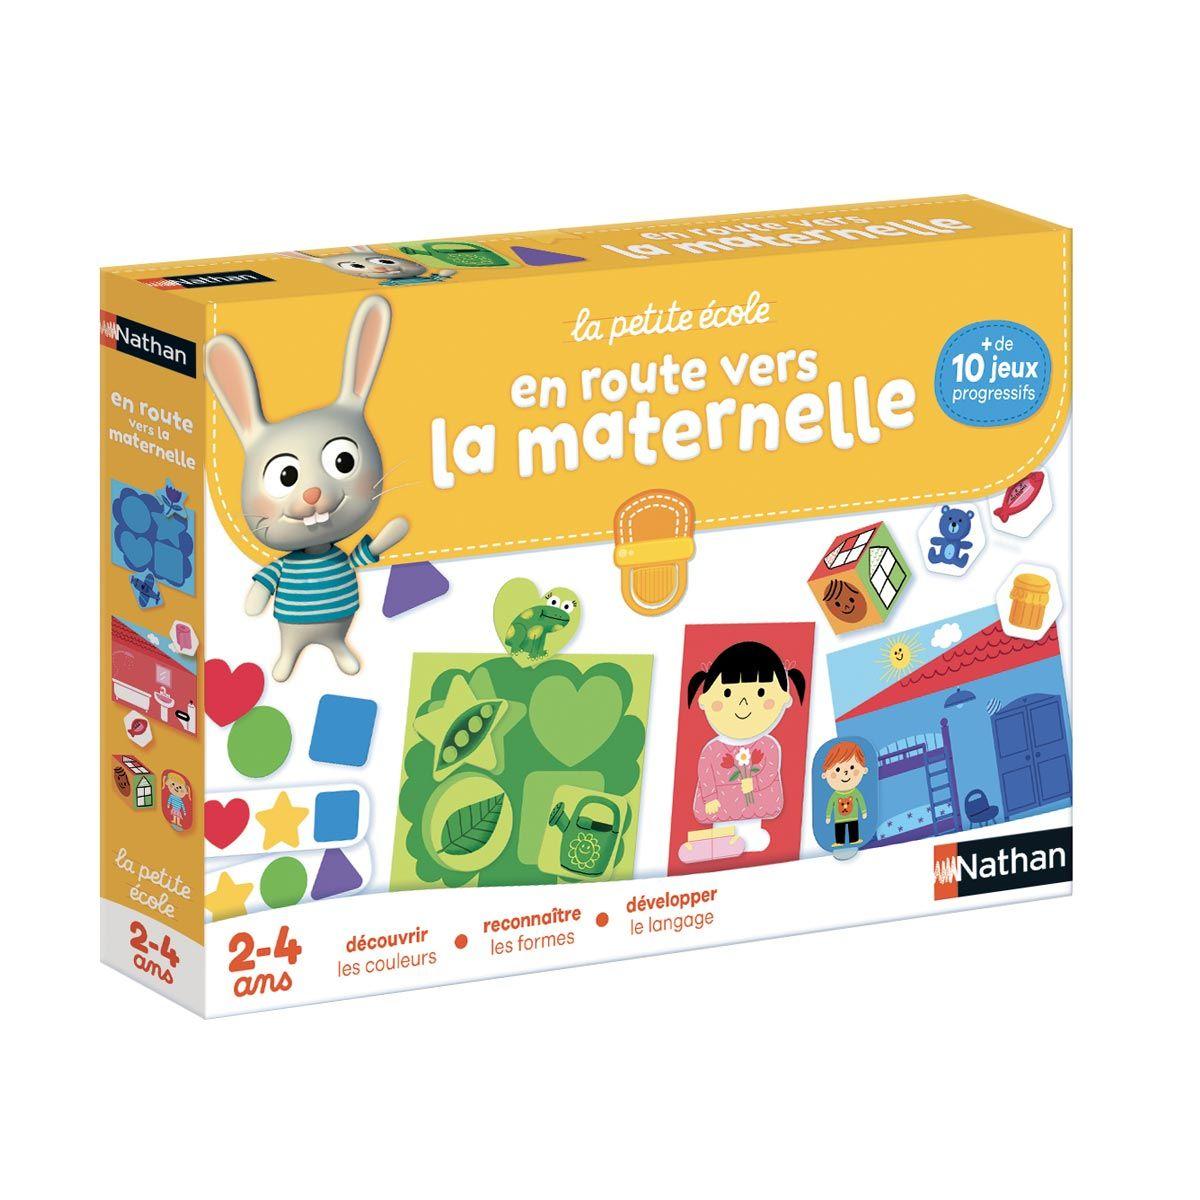 Coffret De Jeux En Route Vers La Maternelle Nathan | Cadeau serapportantà Jeux Pour Garçon De 5 Ans